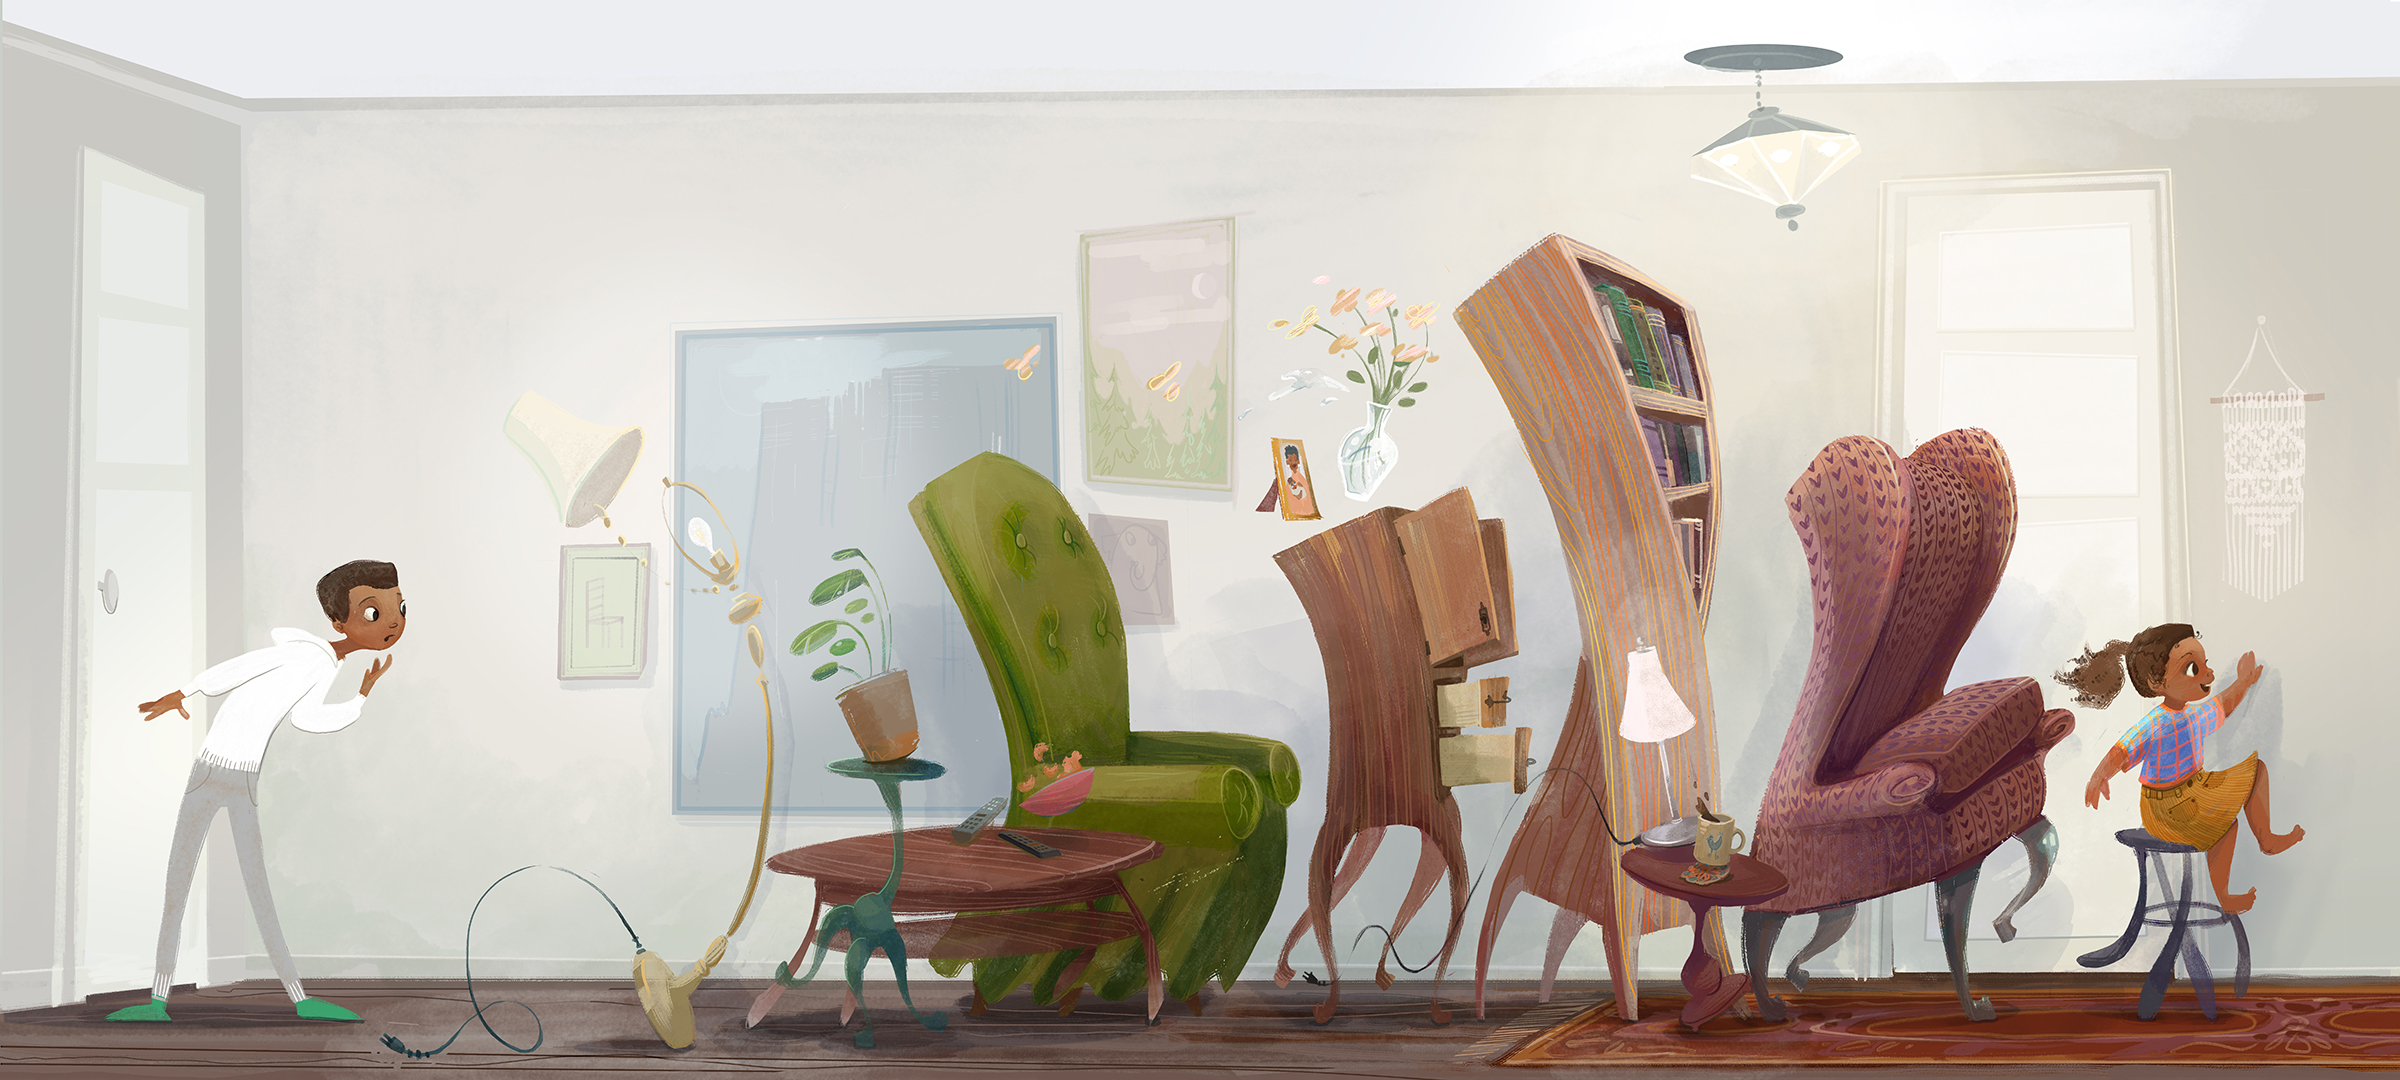 furniture parade.jpg